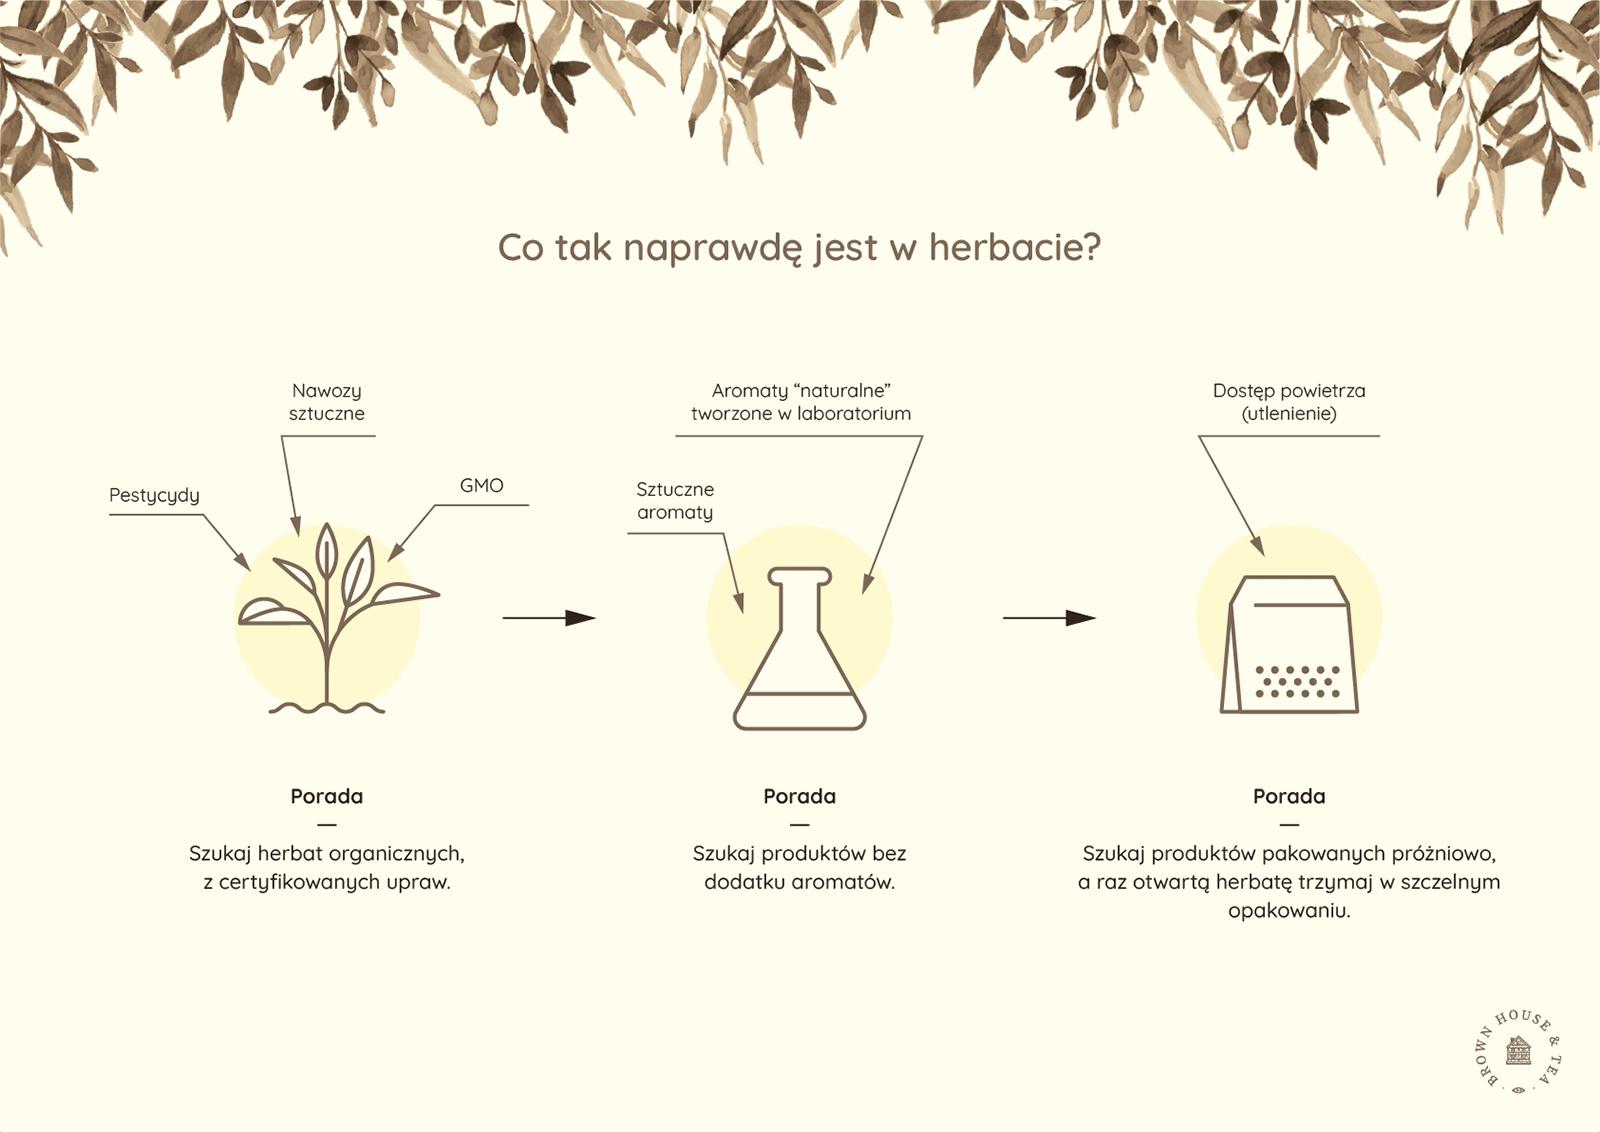 Co kryje herbata przemysłowa? infografika bht organiczna herbata Home infografika bht